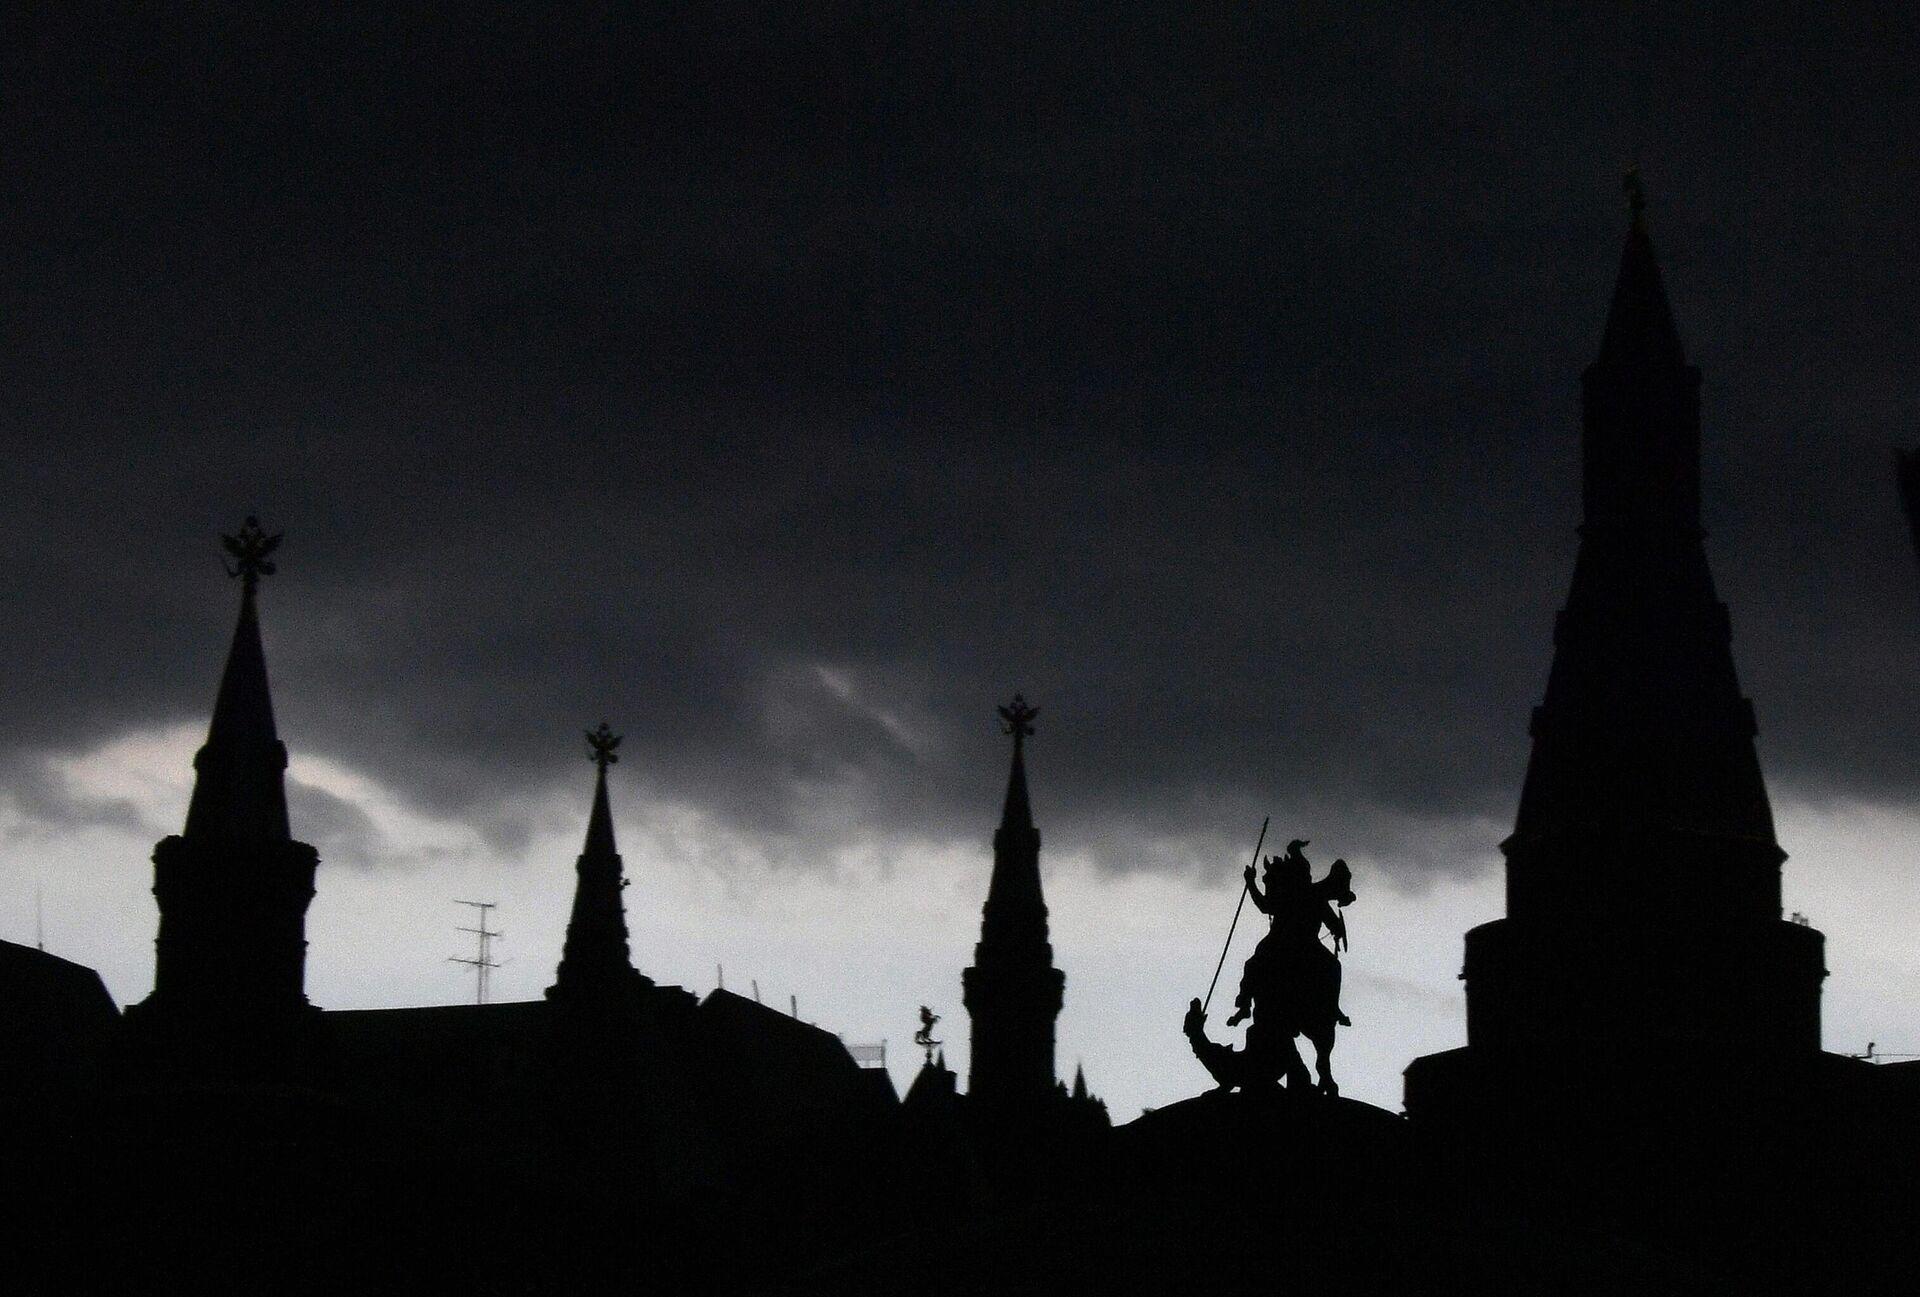 Грозовая туча над Манежной площадью в Москве - РИА Новости, 1920, 27.09.2020